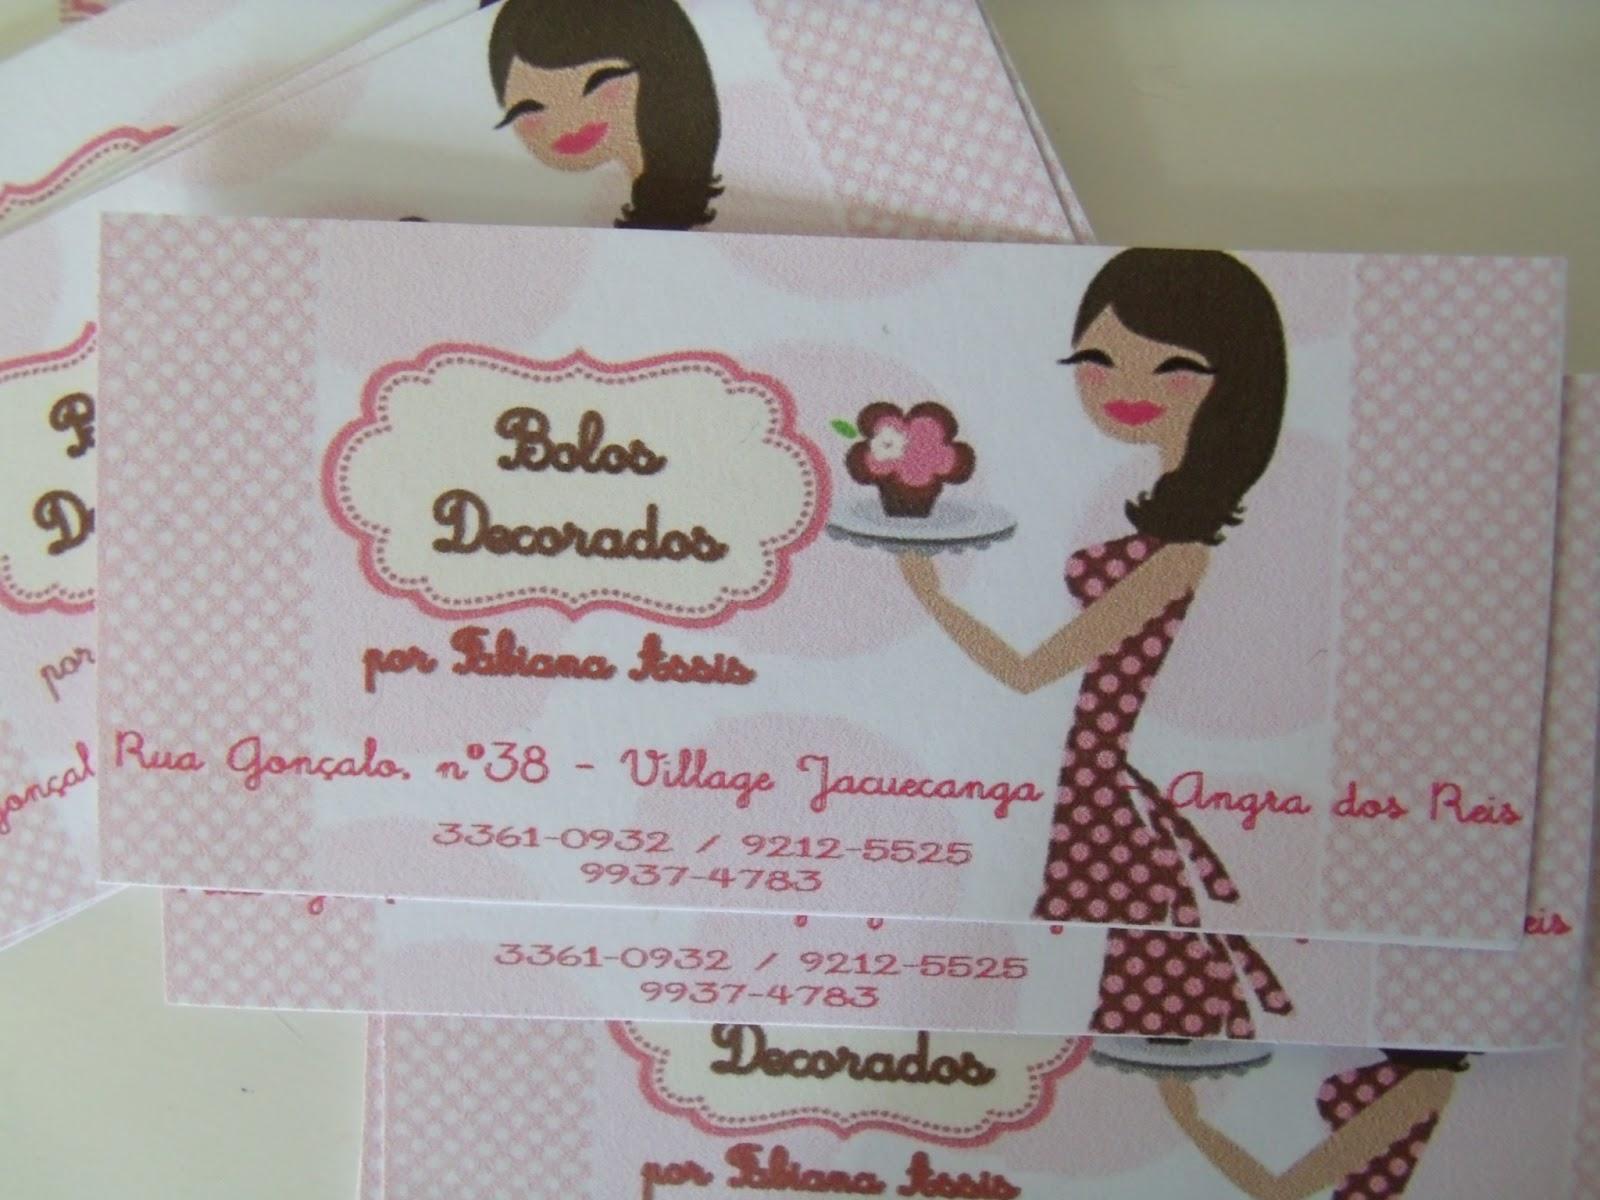 Well-known B.Lembrancinhas: Cartão de Visita - Bolos Decorados VA07